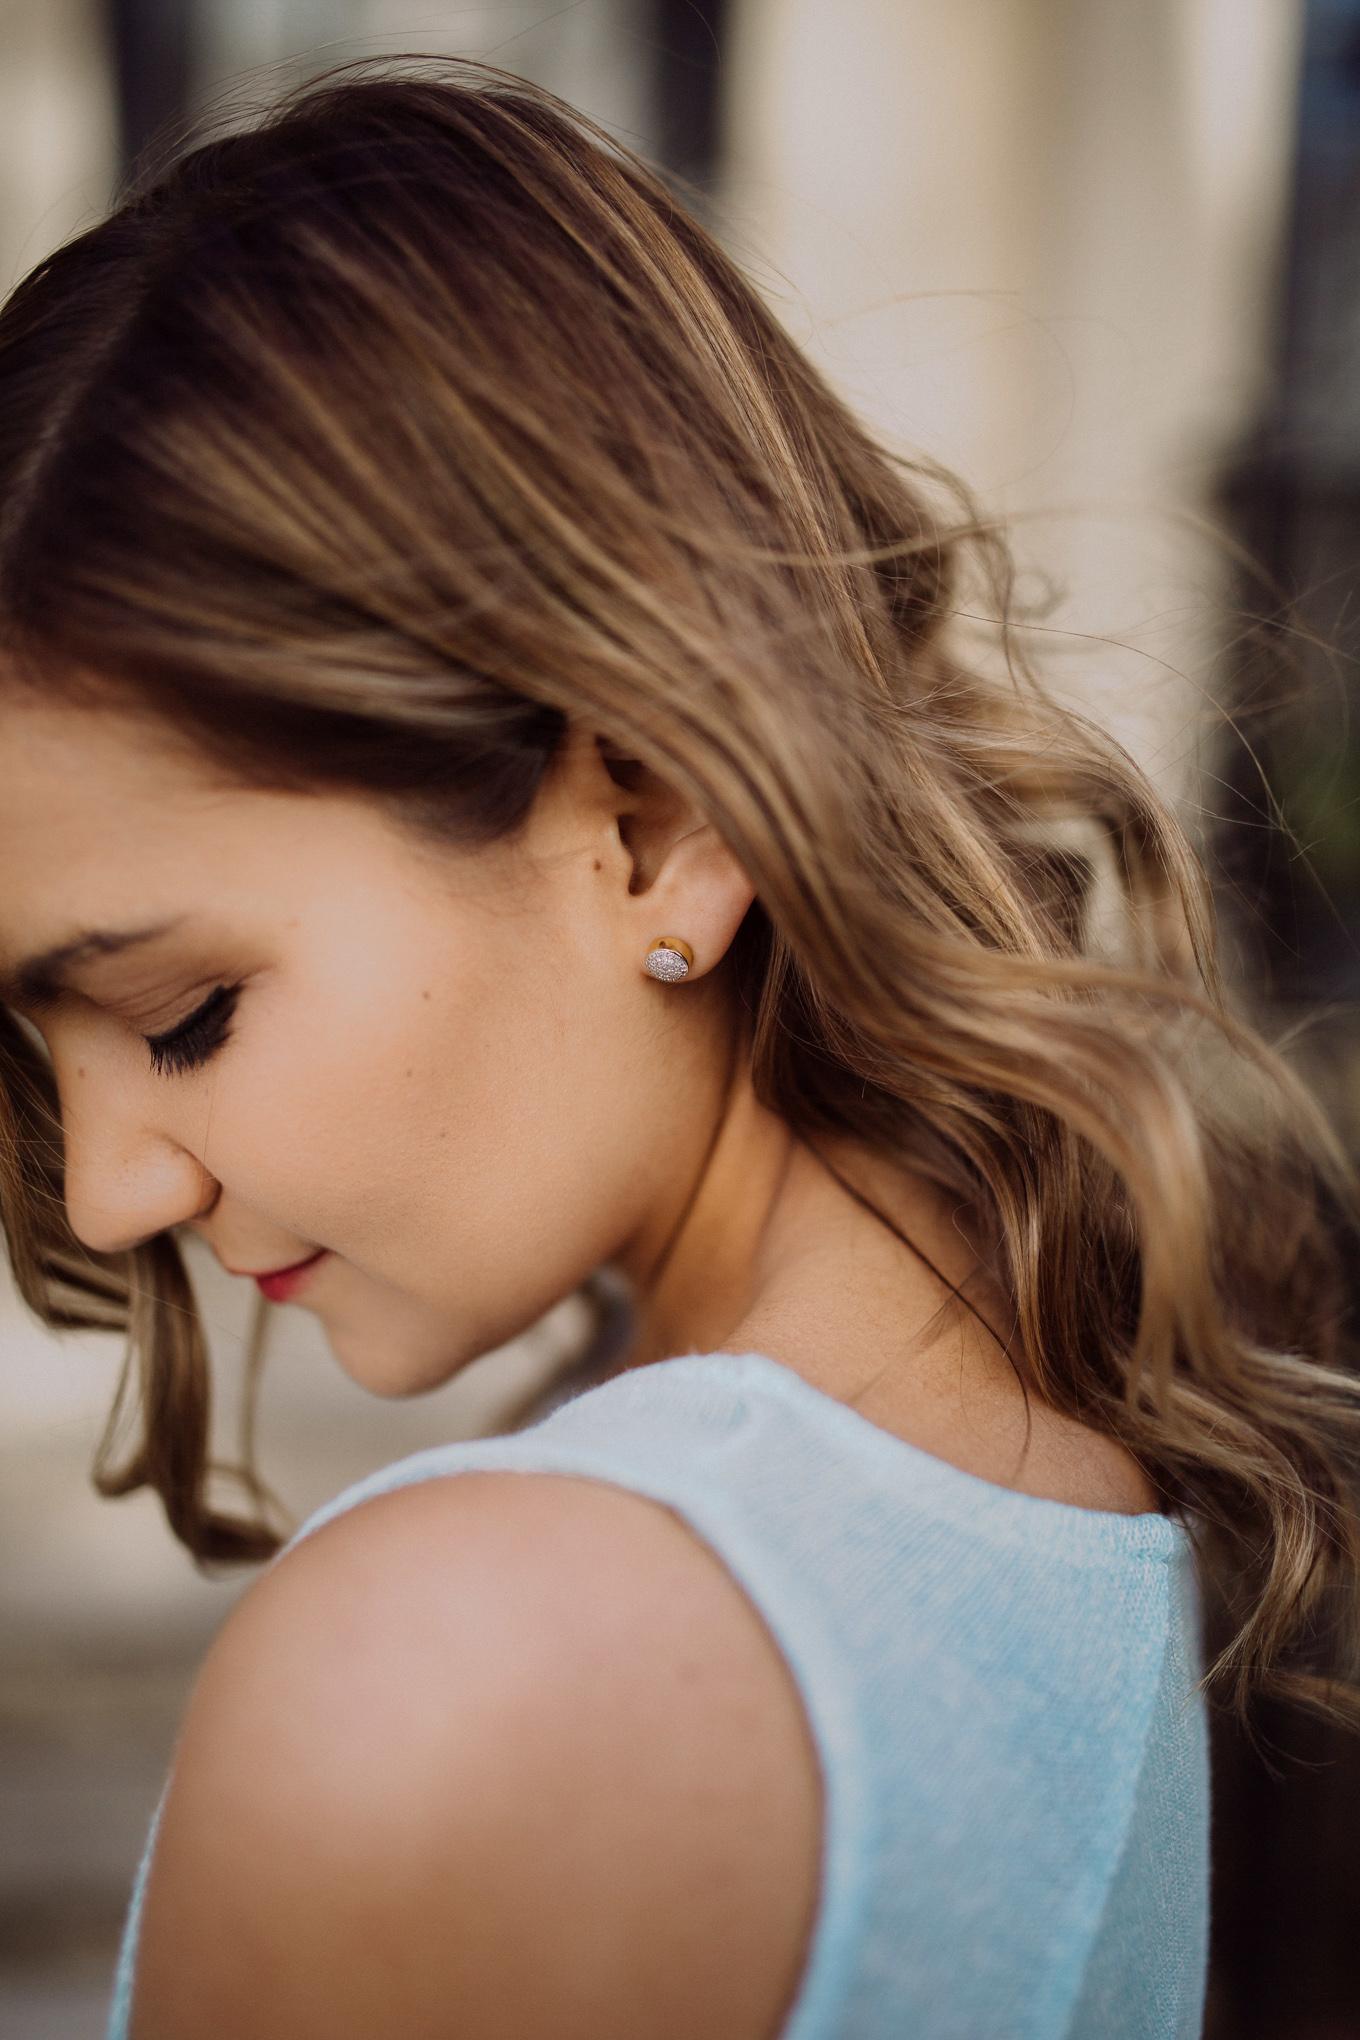 Monica Vinader Diamond Earrings - Lake Shore Lady